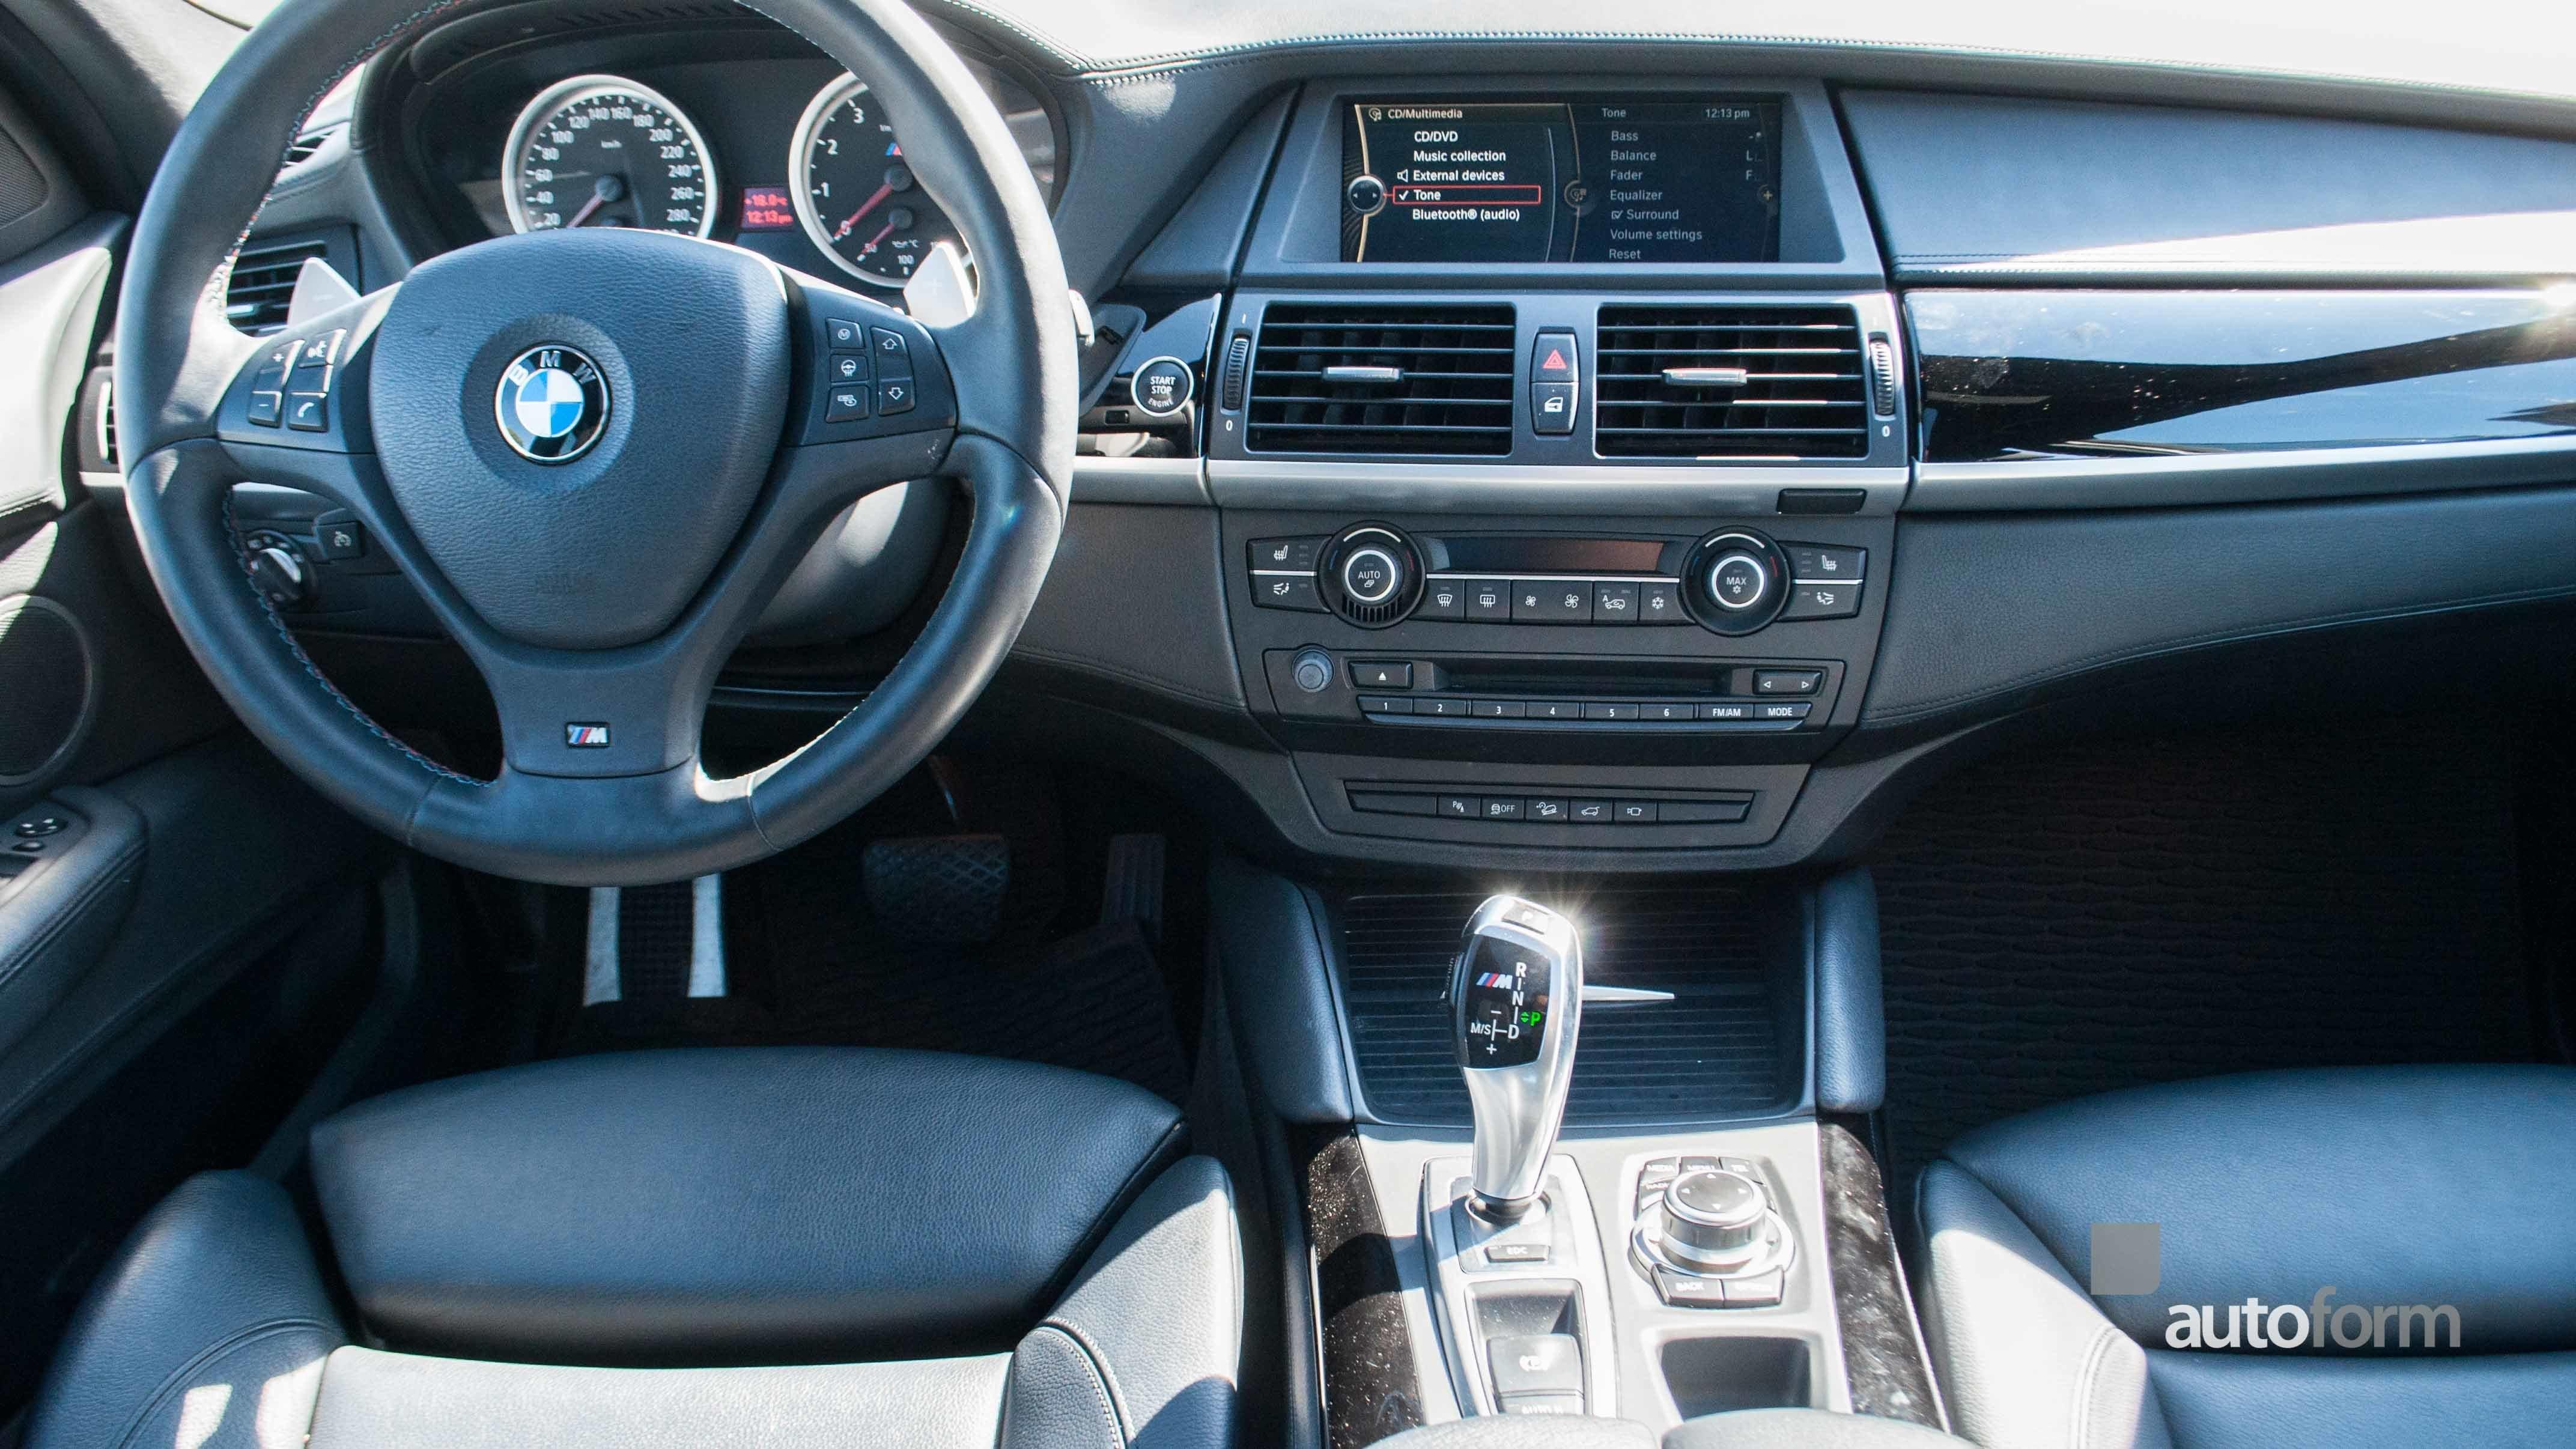 2013 BMW X5 M | Autoform